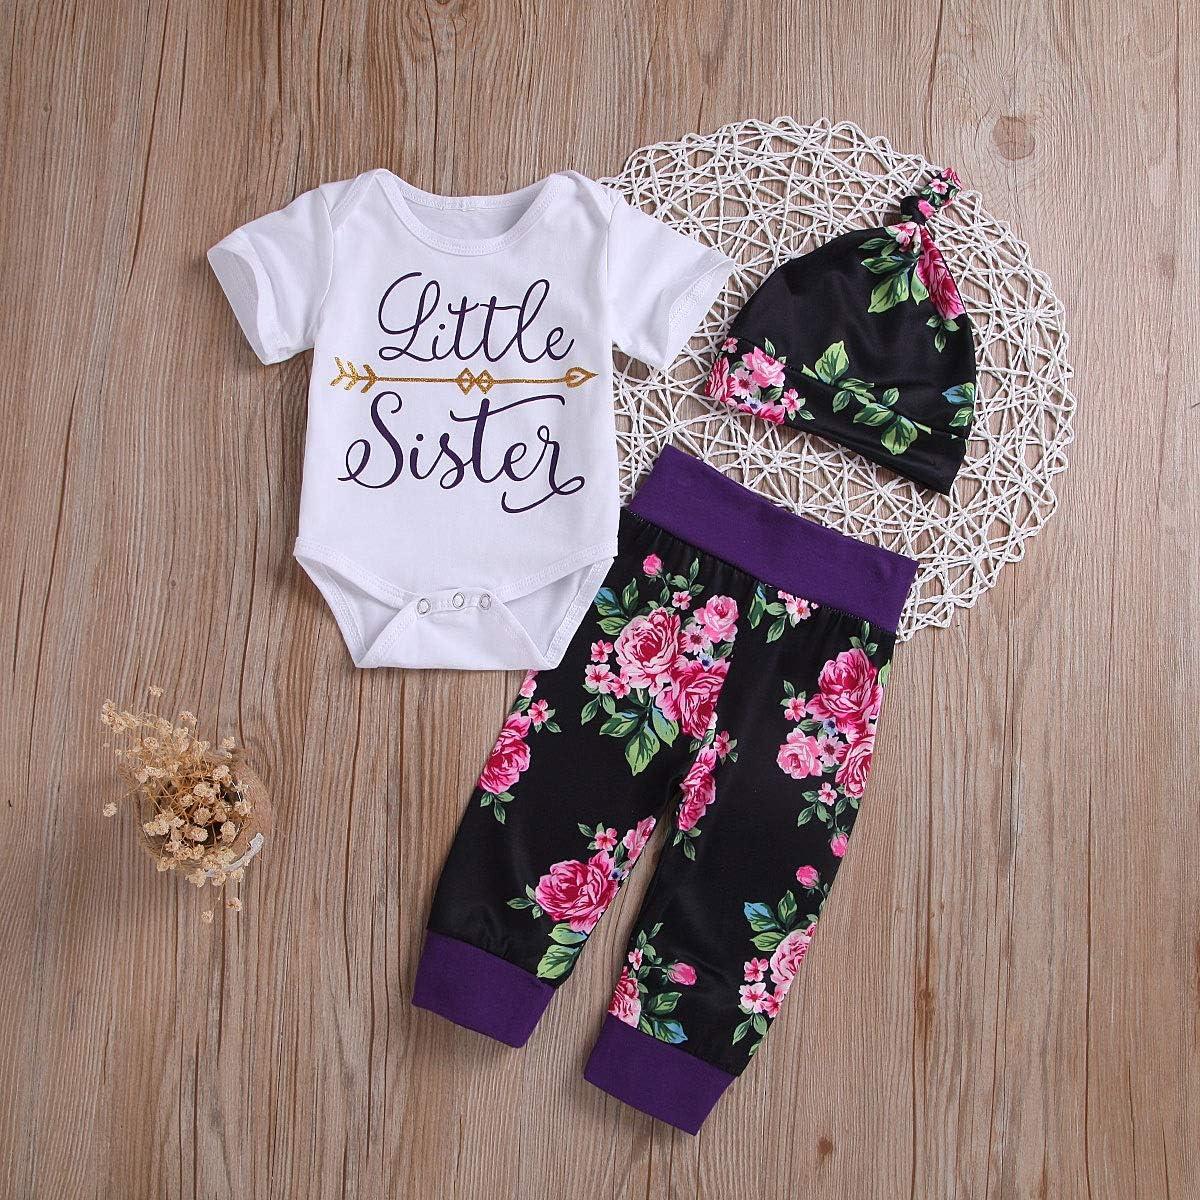 Set di Abiti per la Fascia Pantaloni Floreali Puseky Baby Girls Big Little Sister Corrispondenza per la Famiglia Vestiti a Maniche Corte Pagliaccetto